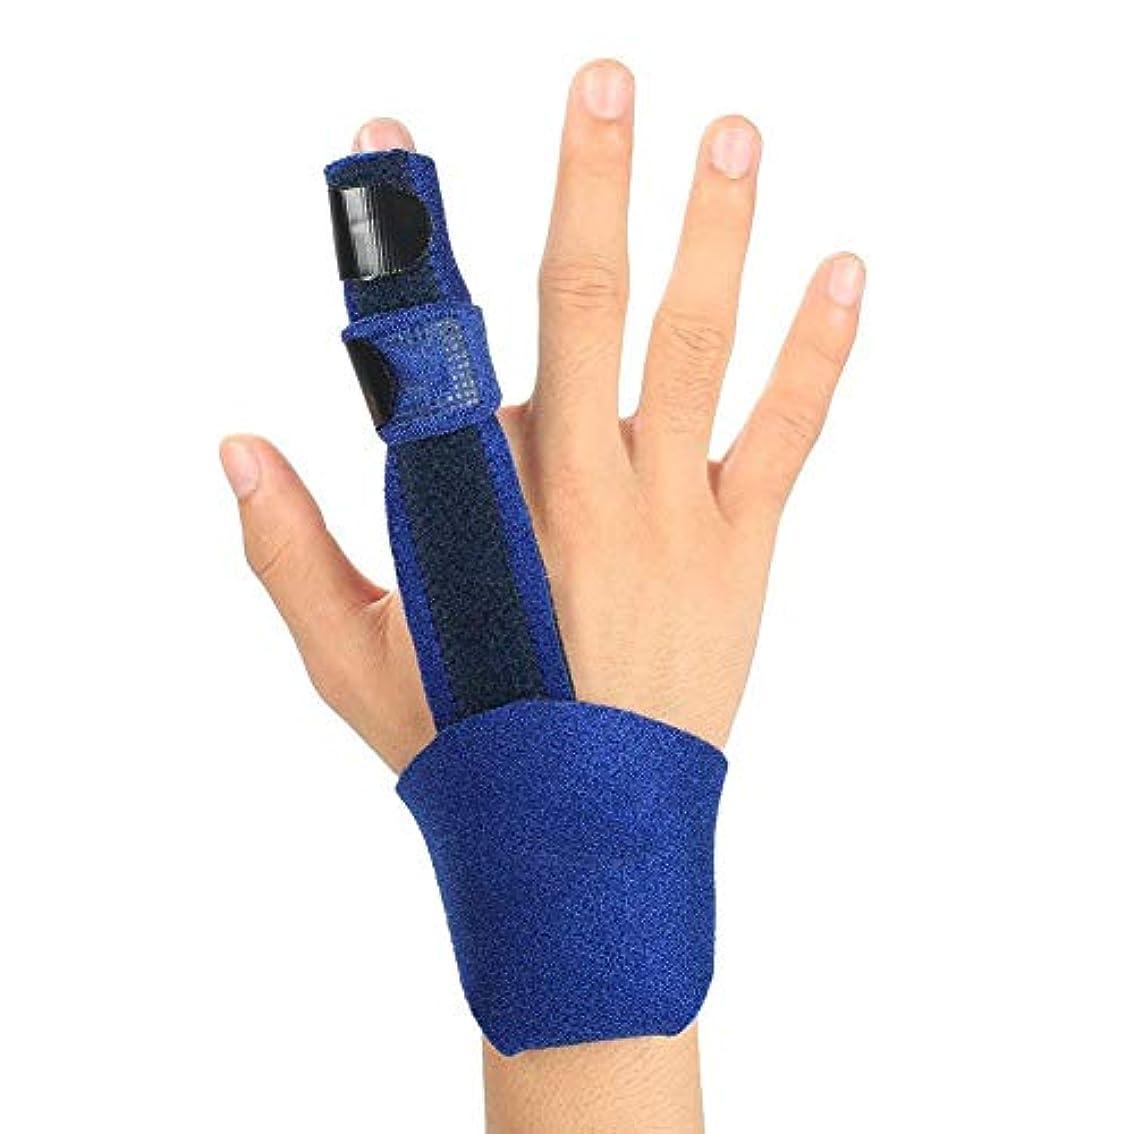 密精査する小さな指プロテクターサポート指手袋マレットブレーストリガー指関節炎と靭帯の痛み指拡張副木